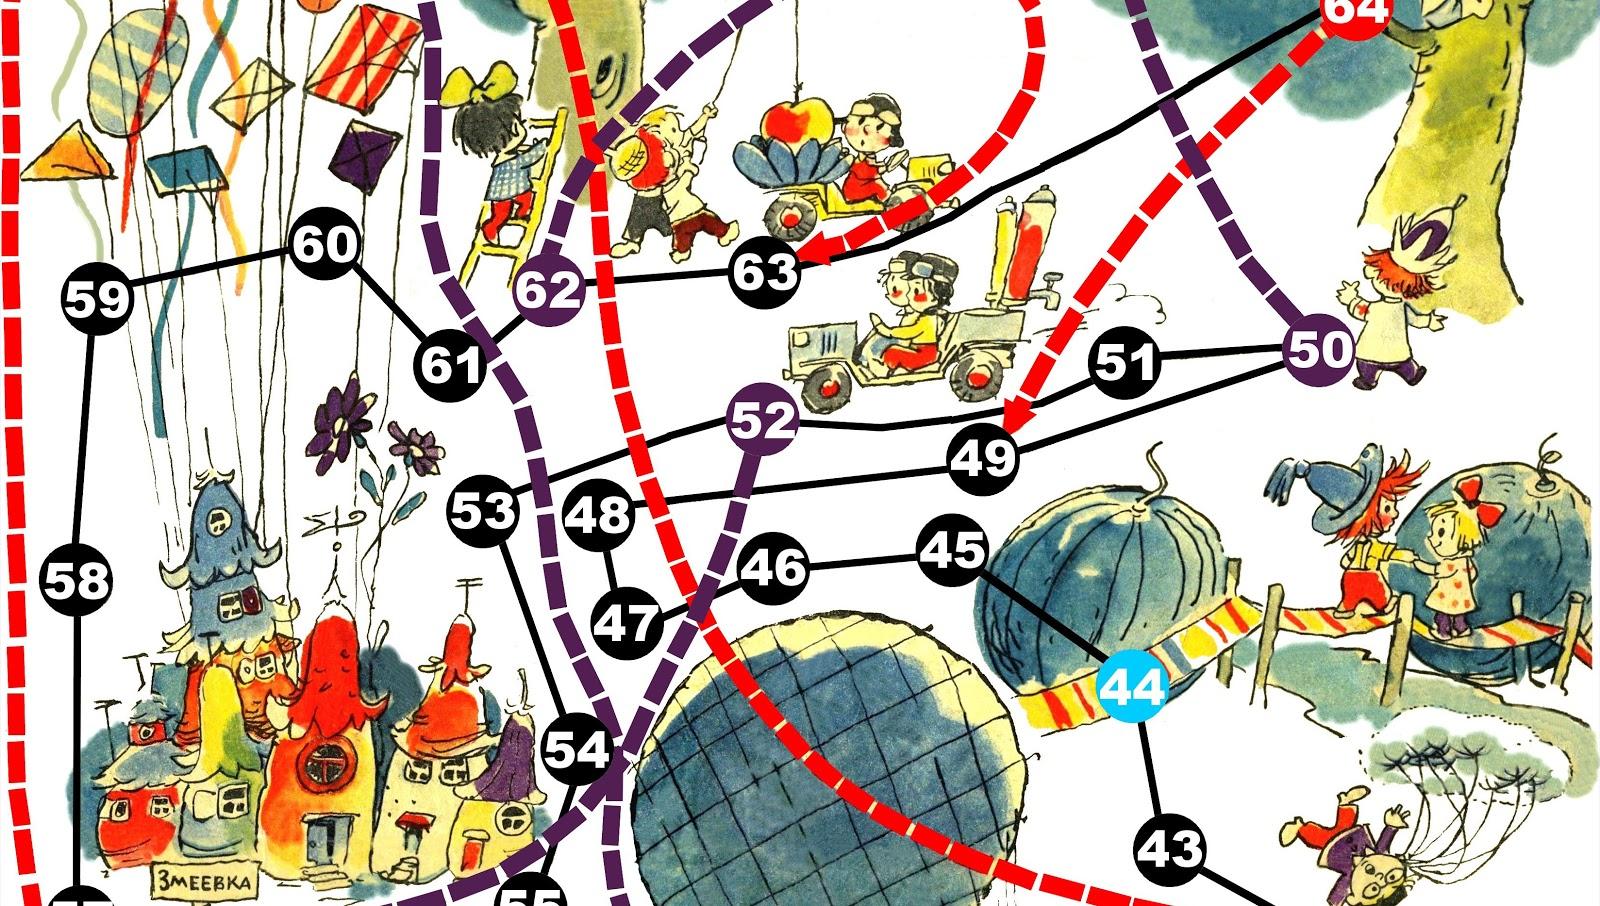 Приключения Незнайки настольная игра СССР Е. Турган А. Савченко 1971 год. Настольная игра СССР. Игра-ходилка СССР. Игра-бродилка СССР. Игра с фишками и кубиком СССР.  Советская настольная игра. Советская игра-ходилка. Советская игра бродилка. Советская игра с фишками и кубиком СССР.  Настольные игры СССР. Игры-ходилки СССР. Игры-бродилки СССР. Игры с фишками и кубиком СССР.